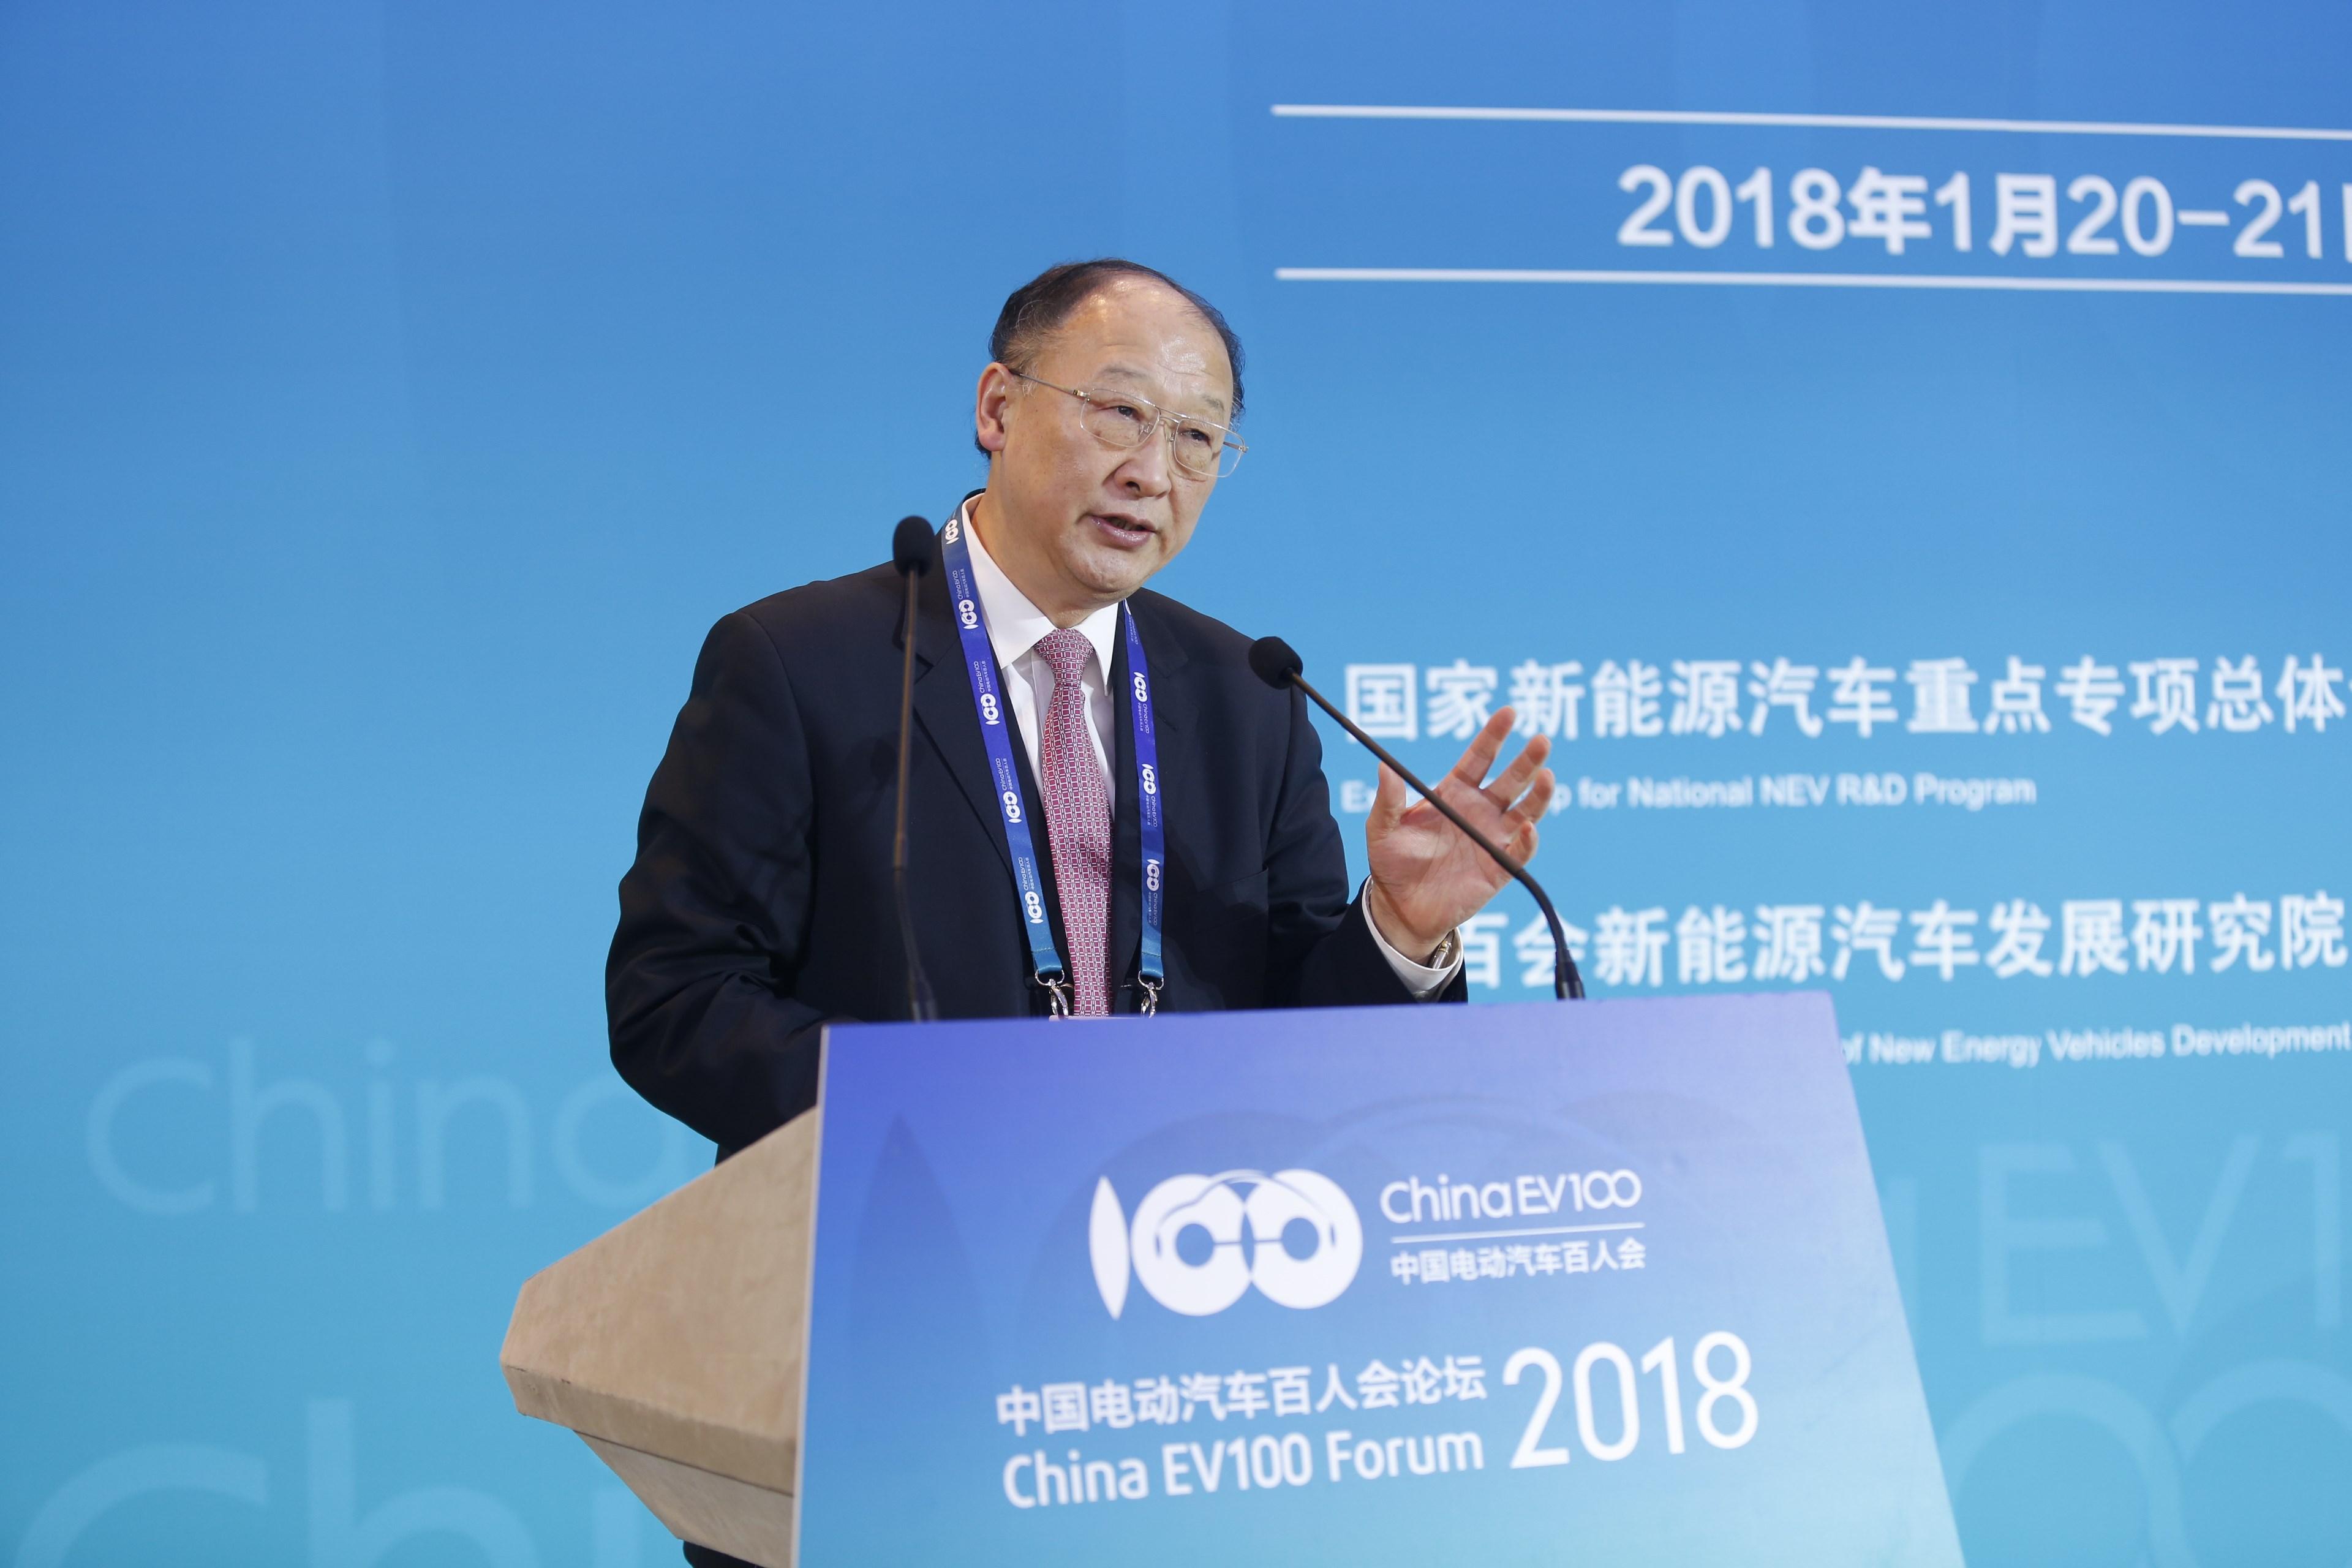 李骏院士:中国智能网联汽车水平并不领先 要找到新经济增长点